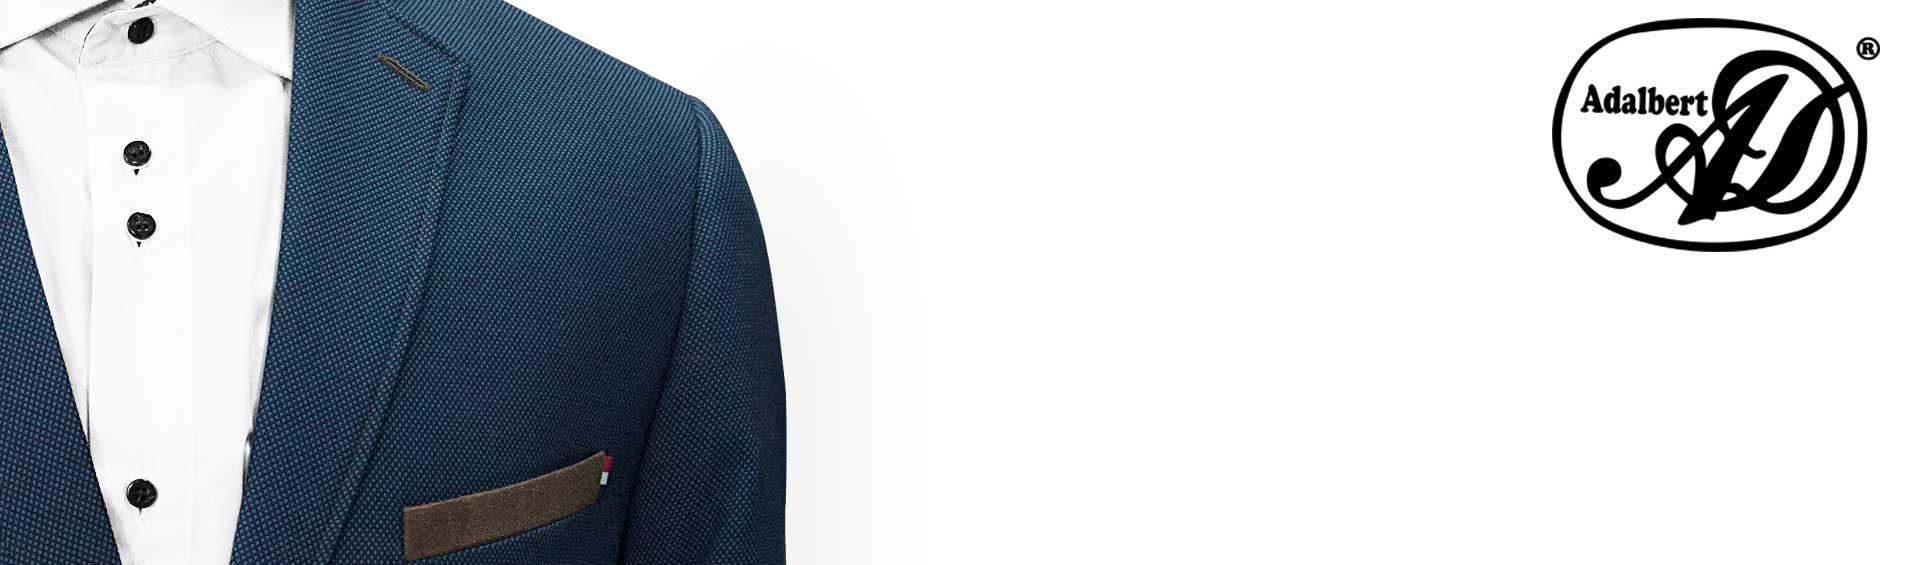 Producent odzieży męskiej poznań. garnitur, marynarka, koszula, krawat